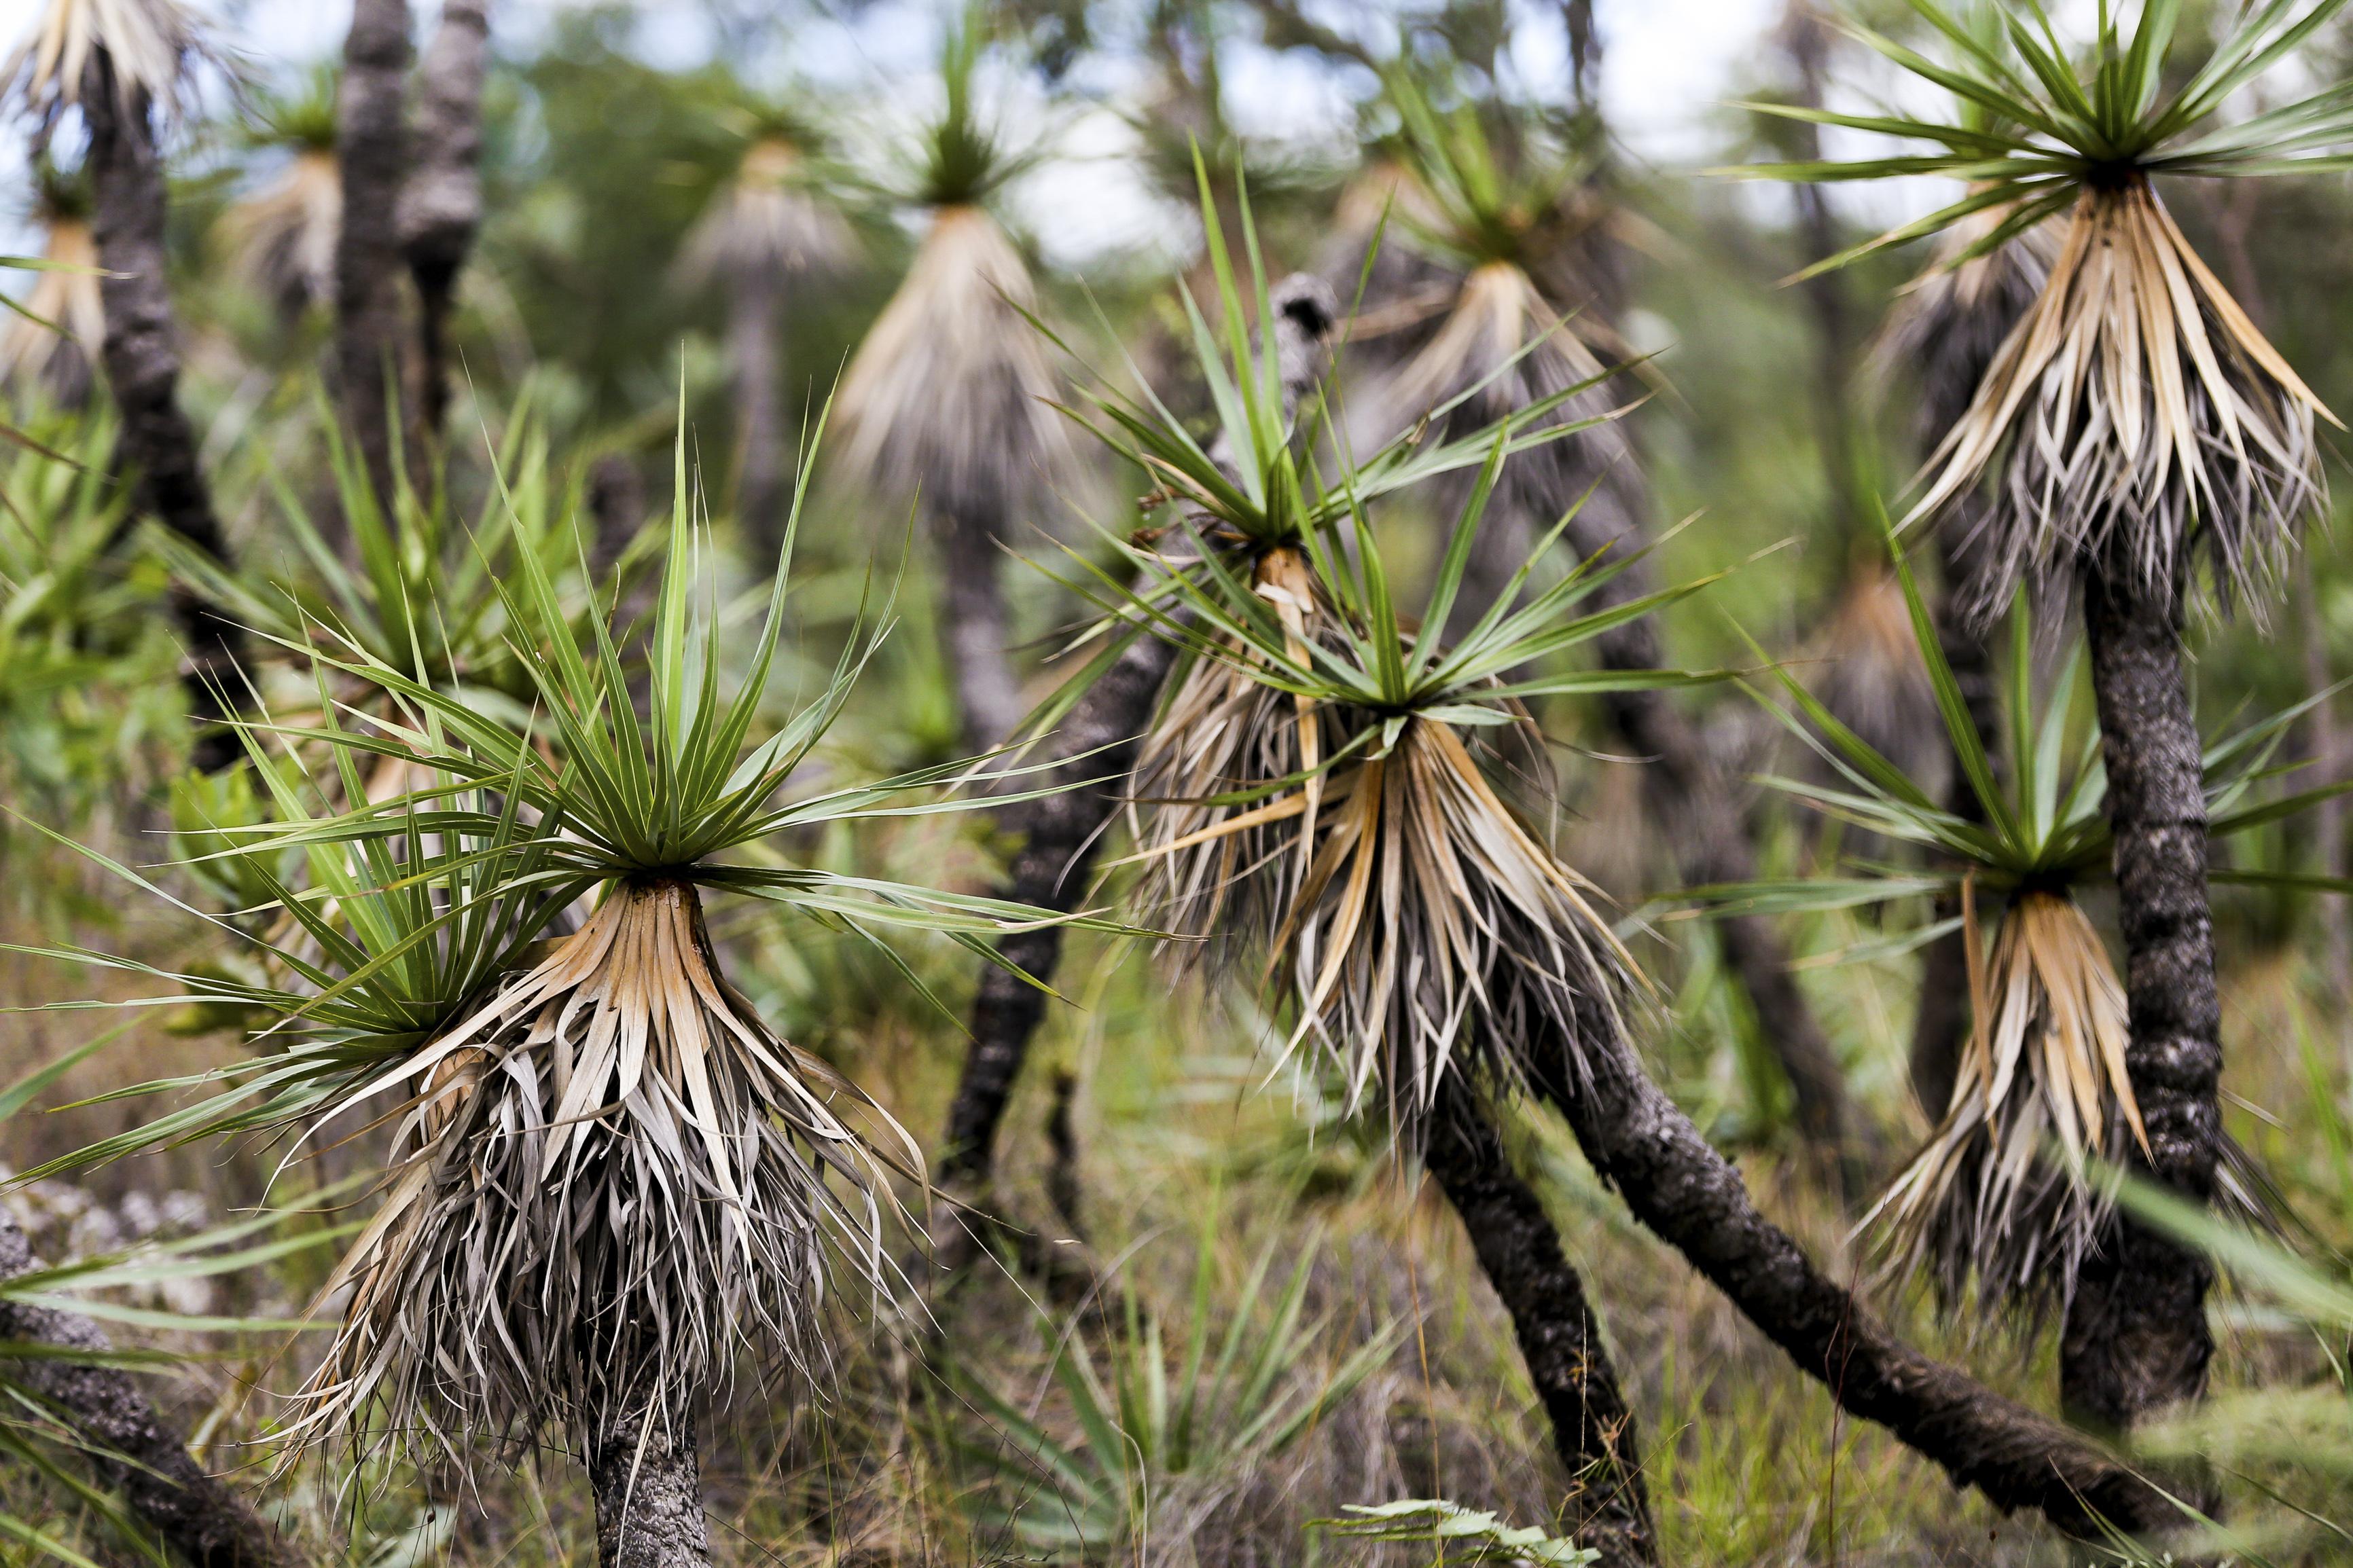 Alto Paraíso (GO) - Planta conhecida como Candombá, uma das mais comuns na região do Parque Nacional da Chapada dos Veadeiros (Marcelo Camargo/Agência Brasil)